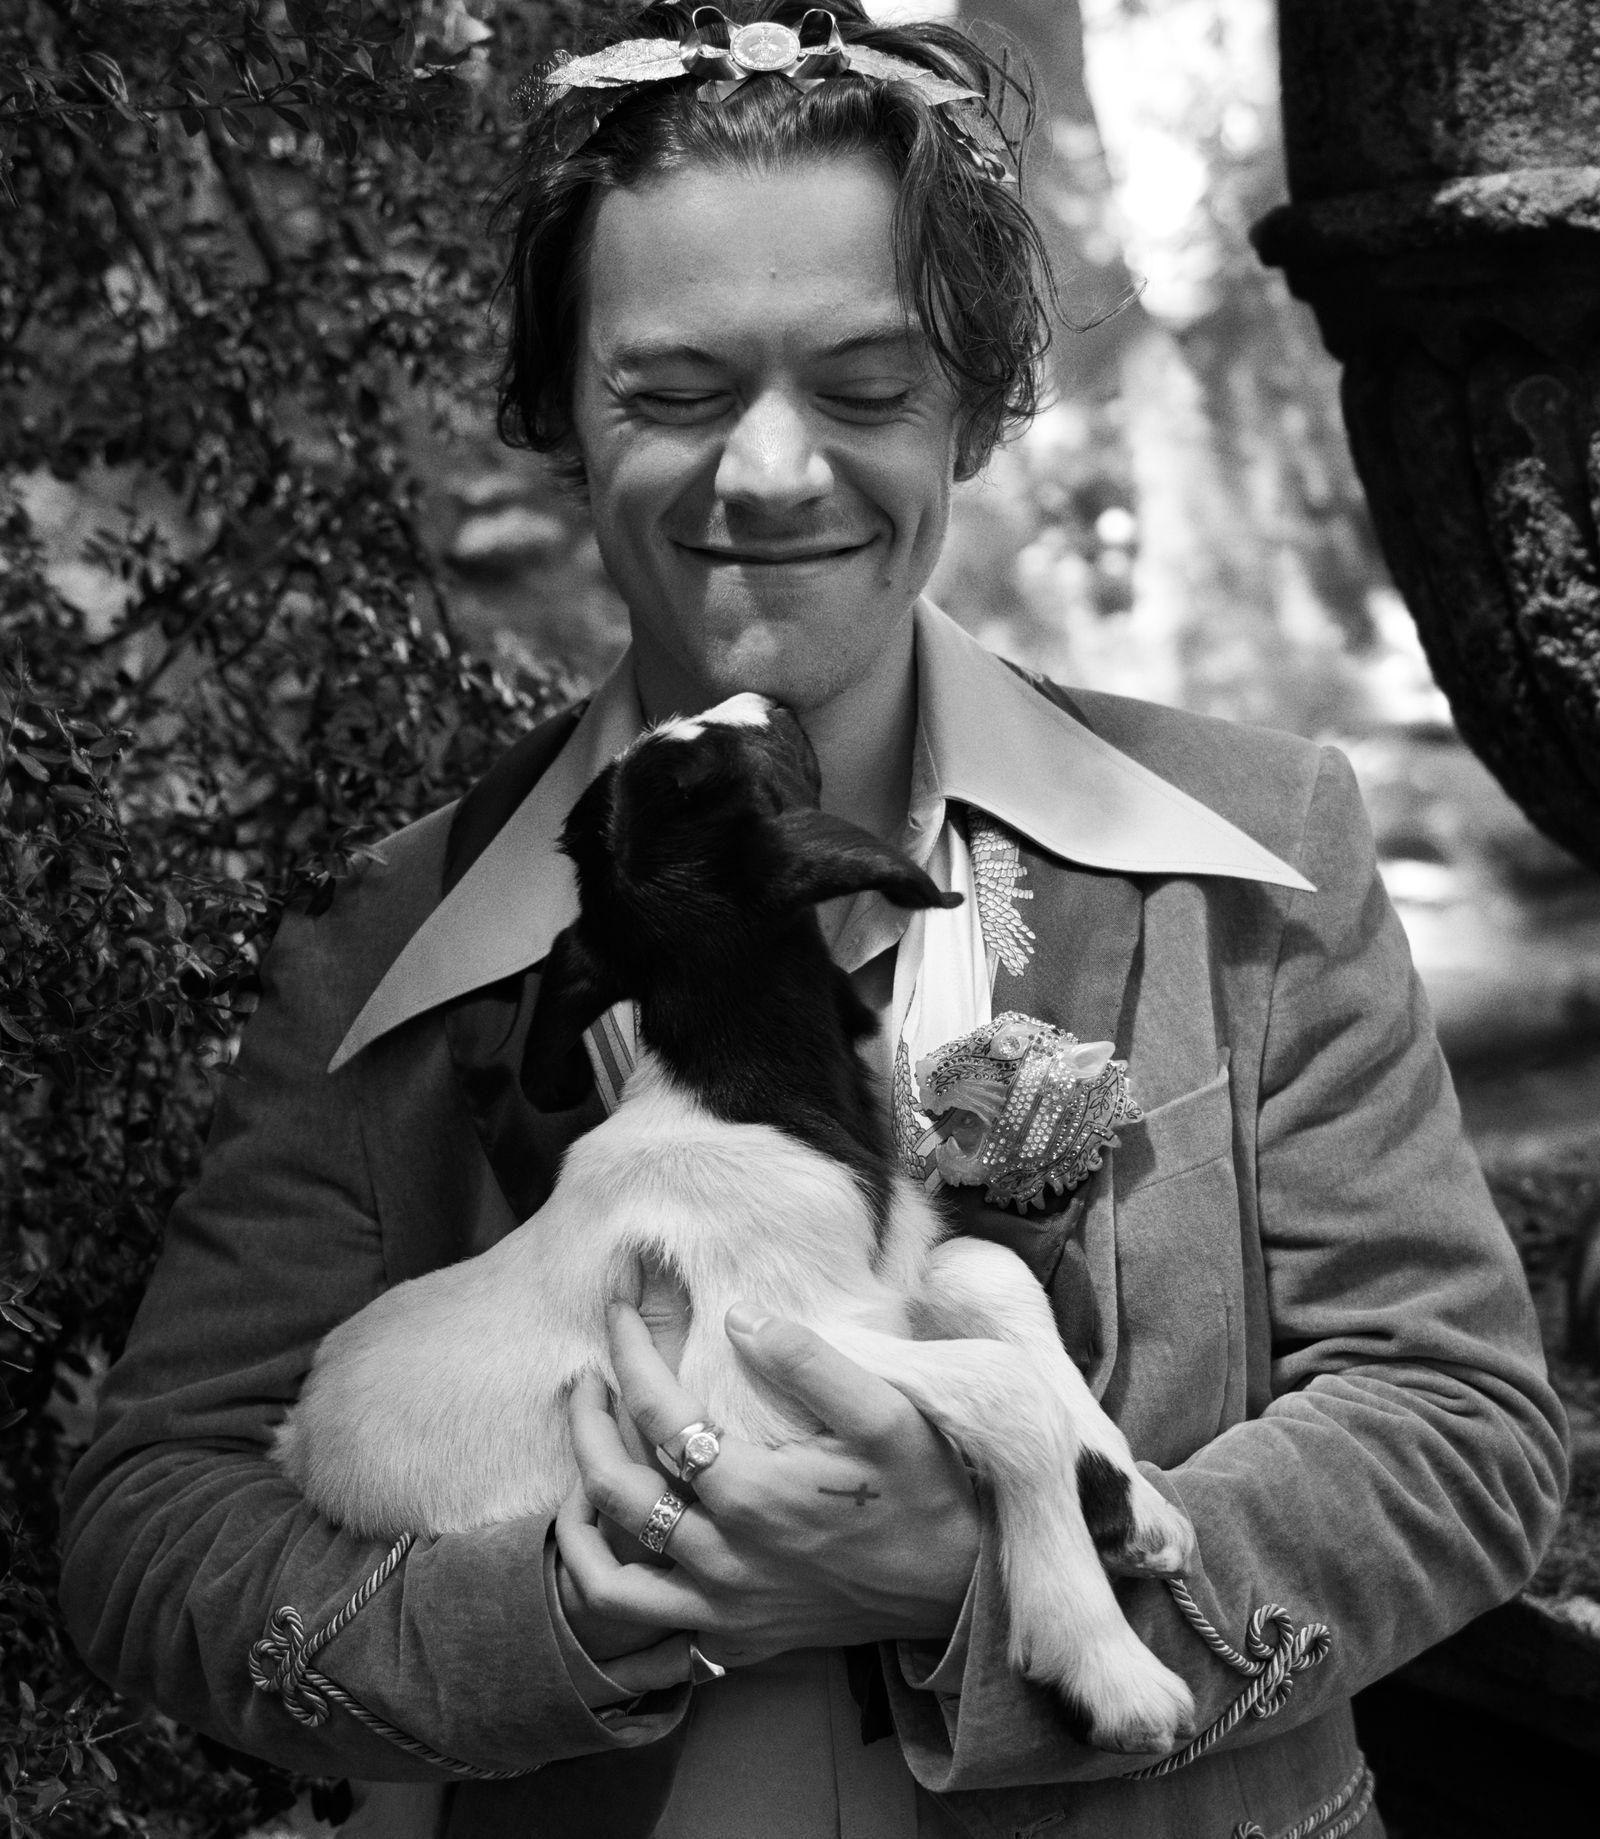 Harry Styles entre bebés animales (y para Gucci) viene para mejorar tu martes #boys